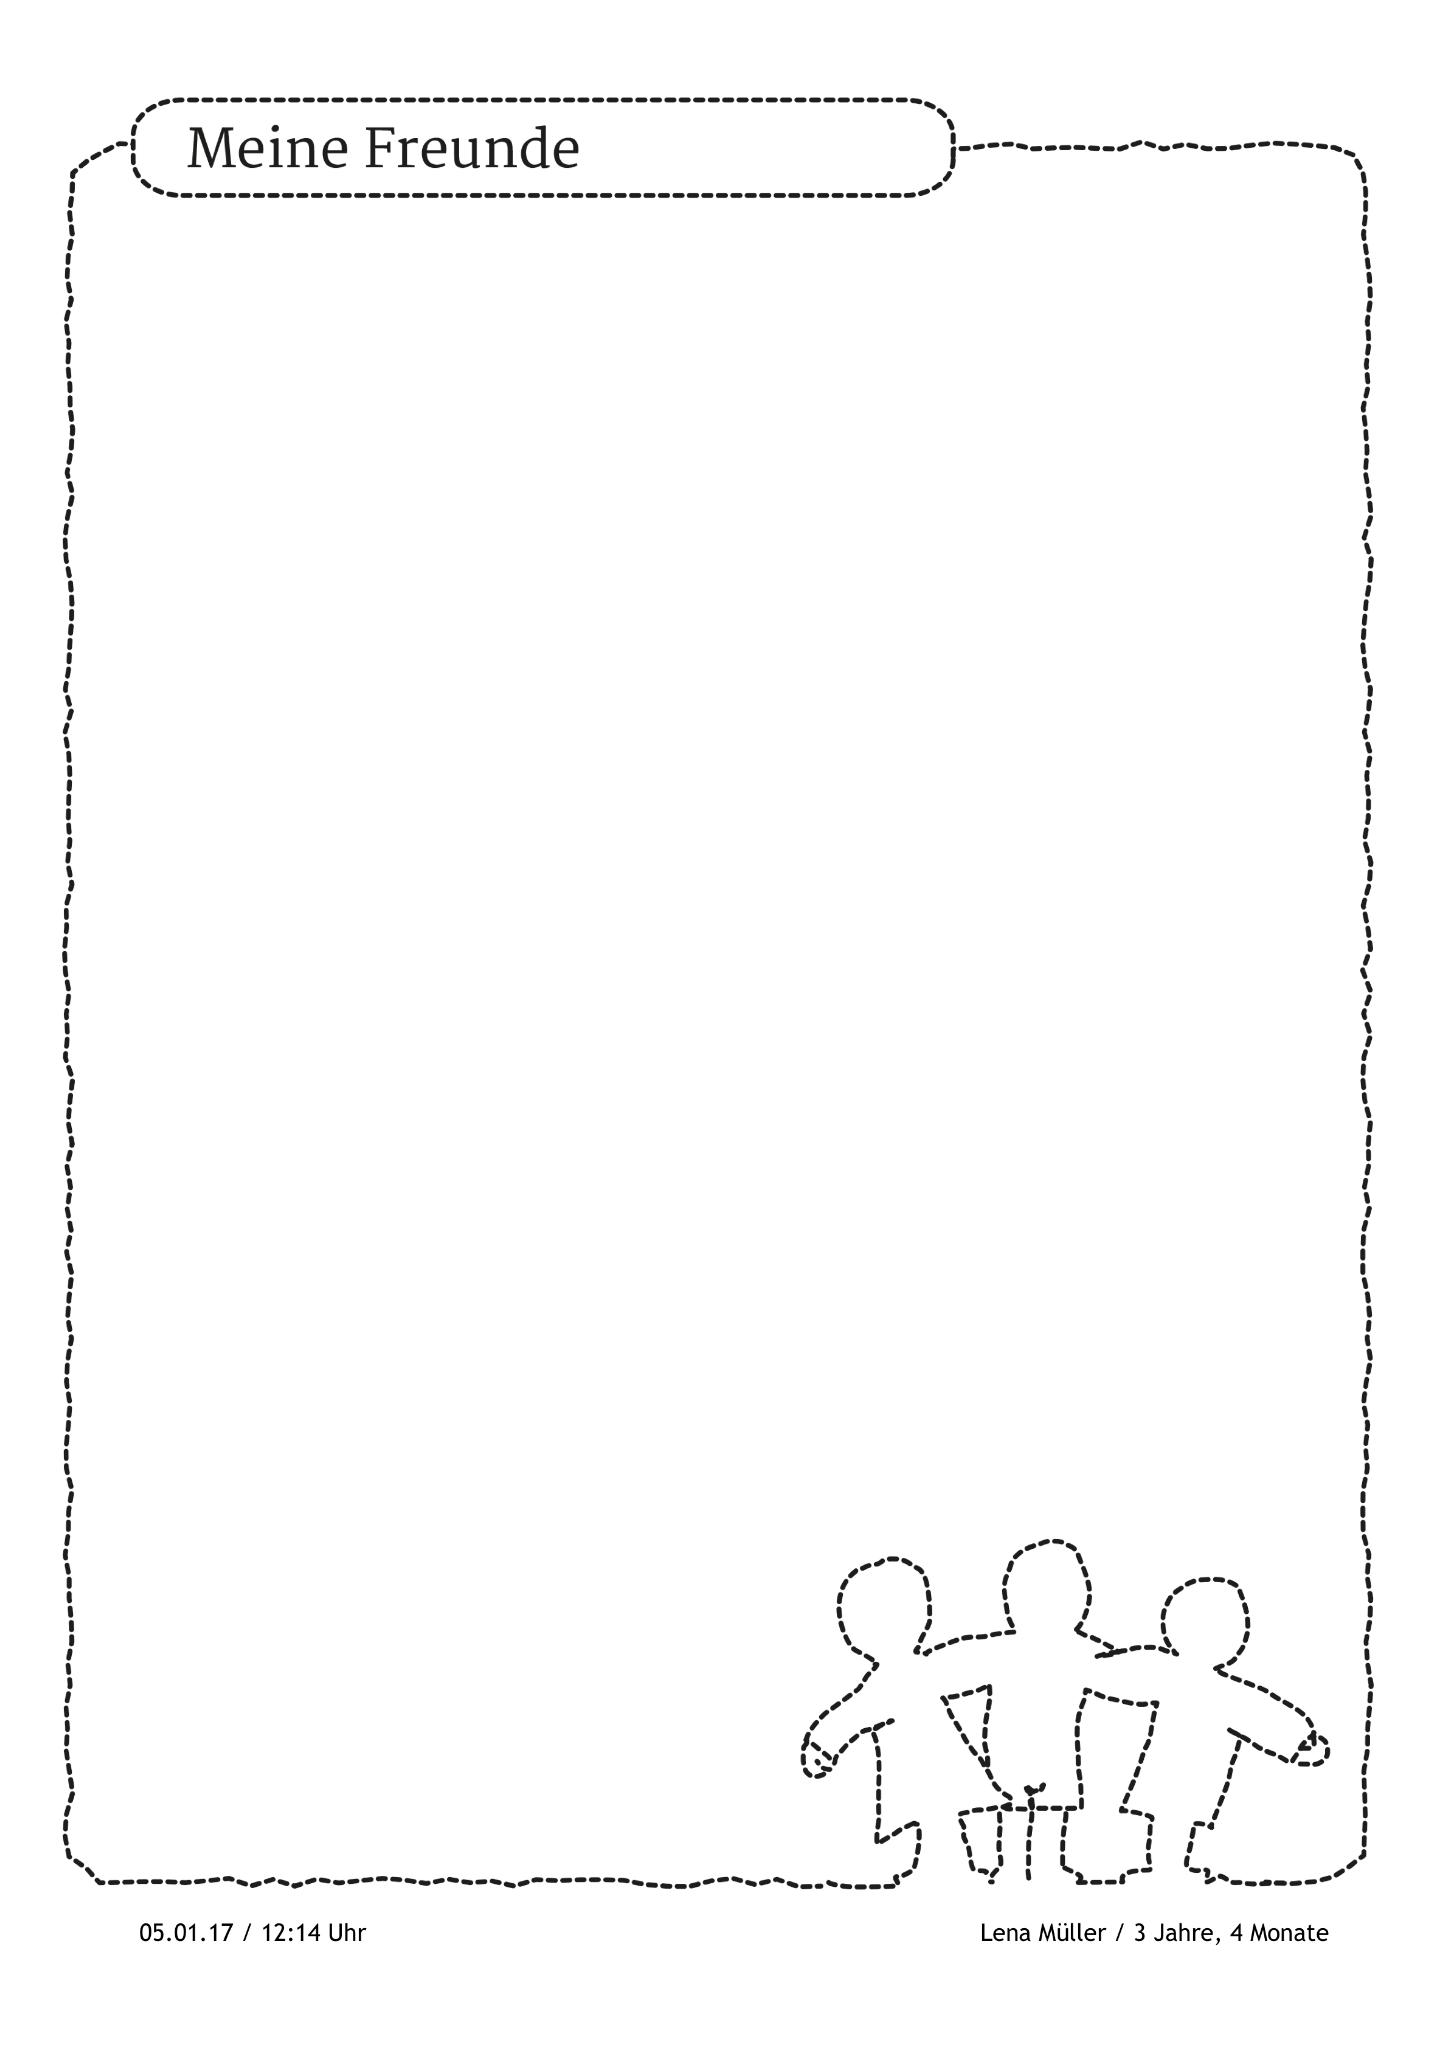 Portfolio Ideen Im Kindergarten Stepfolio De Has Been Registered Vorschule Kindergarten Portfolioideen Registe In 2020 Portfolio Kindergarten Portfolio Ideen Portfolio